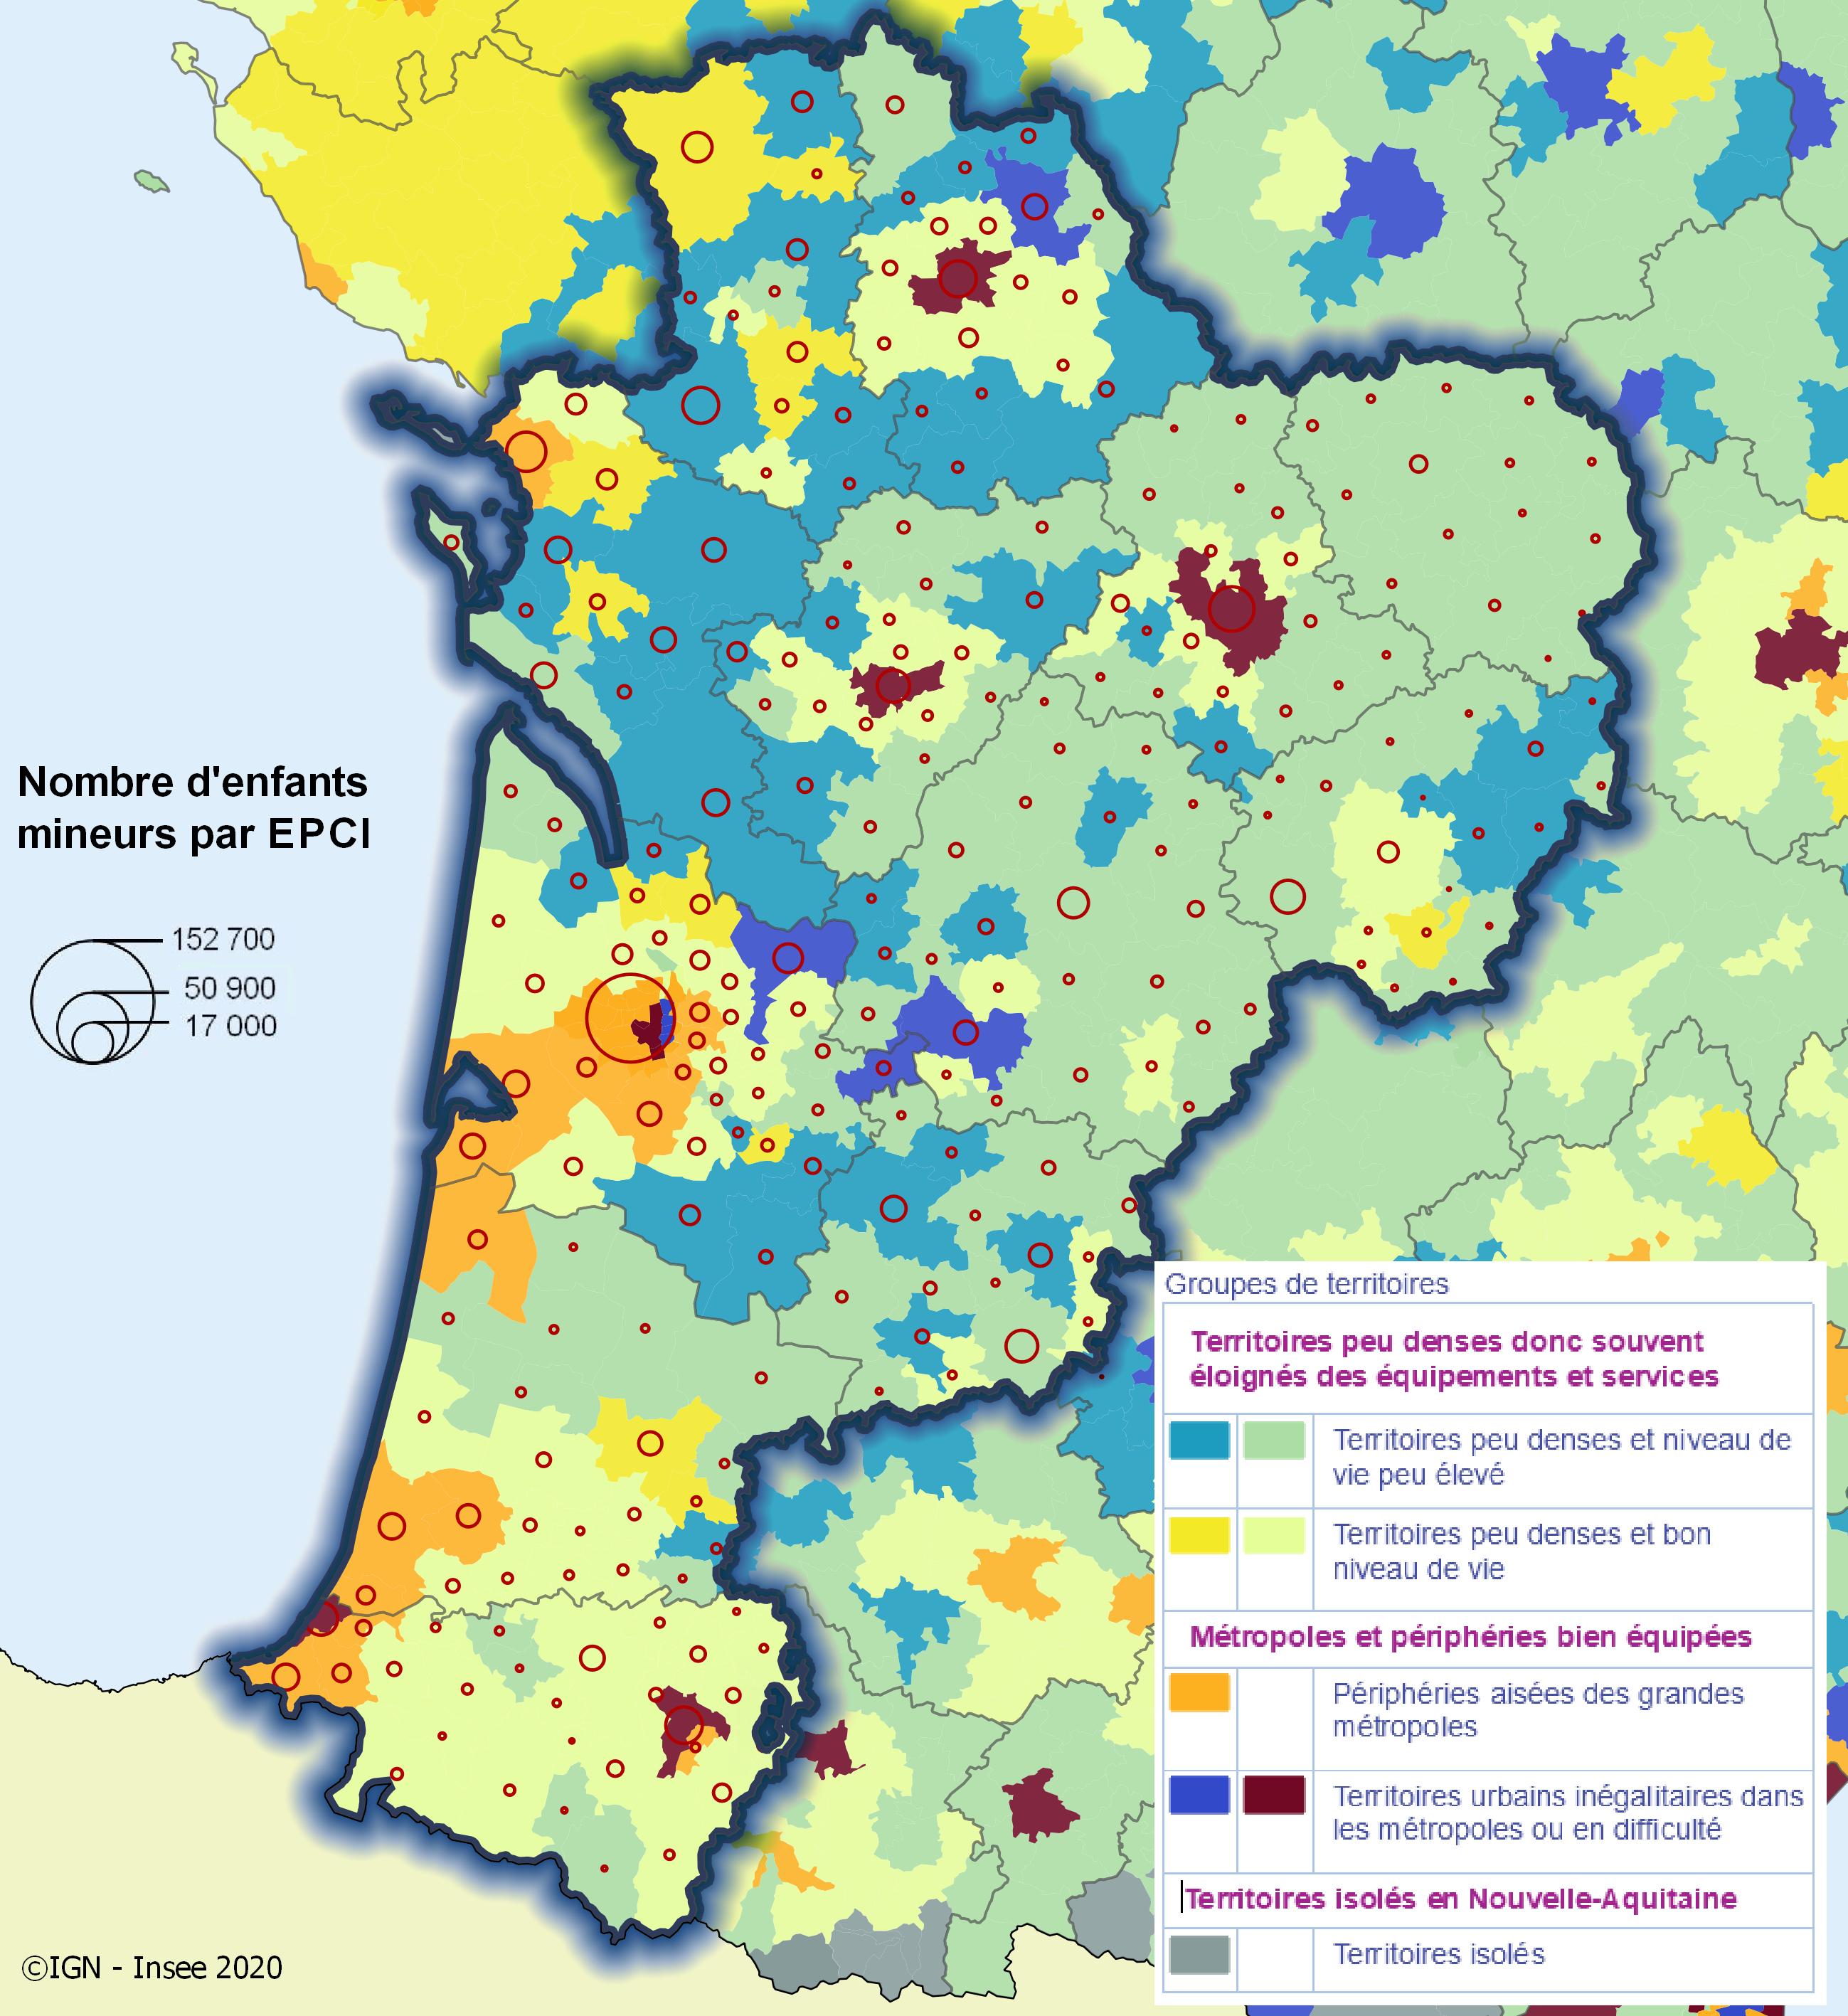 Qualité de vie des enfants en Nouvelle-Aquitaine, reflet des inégalités territoriales